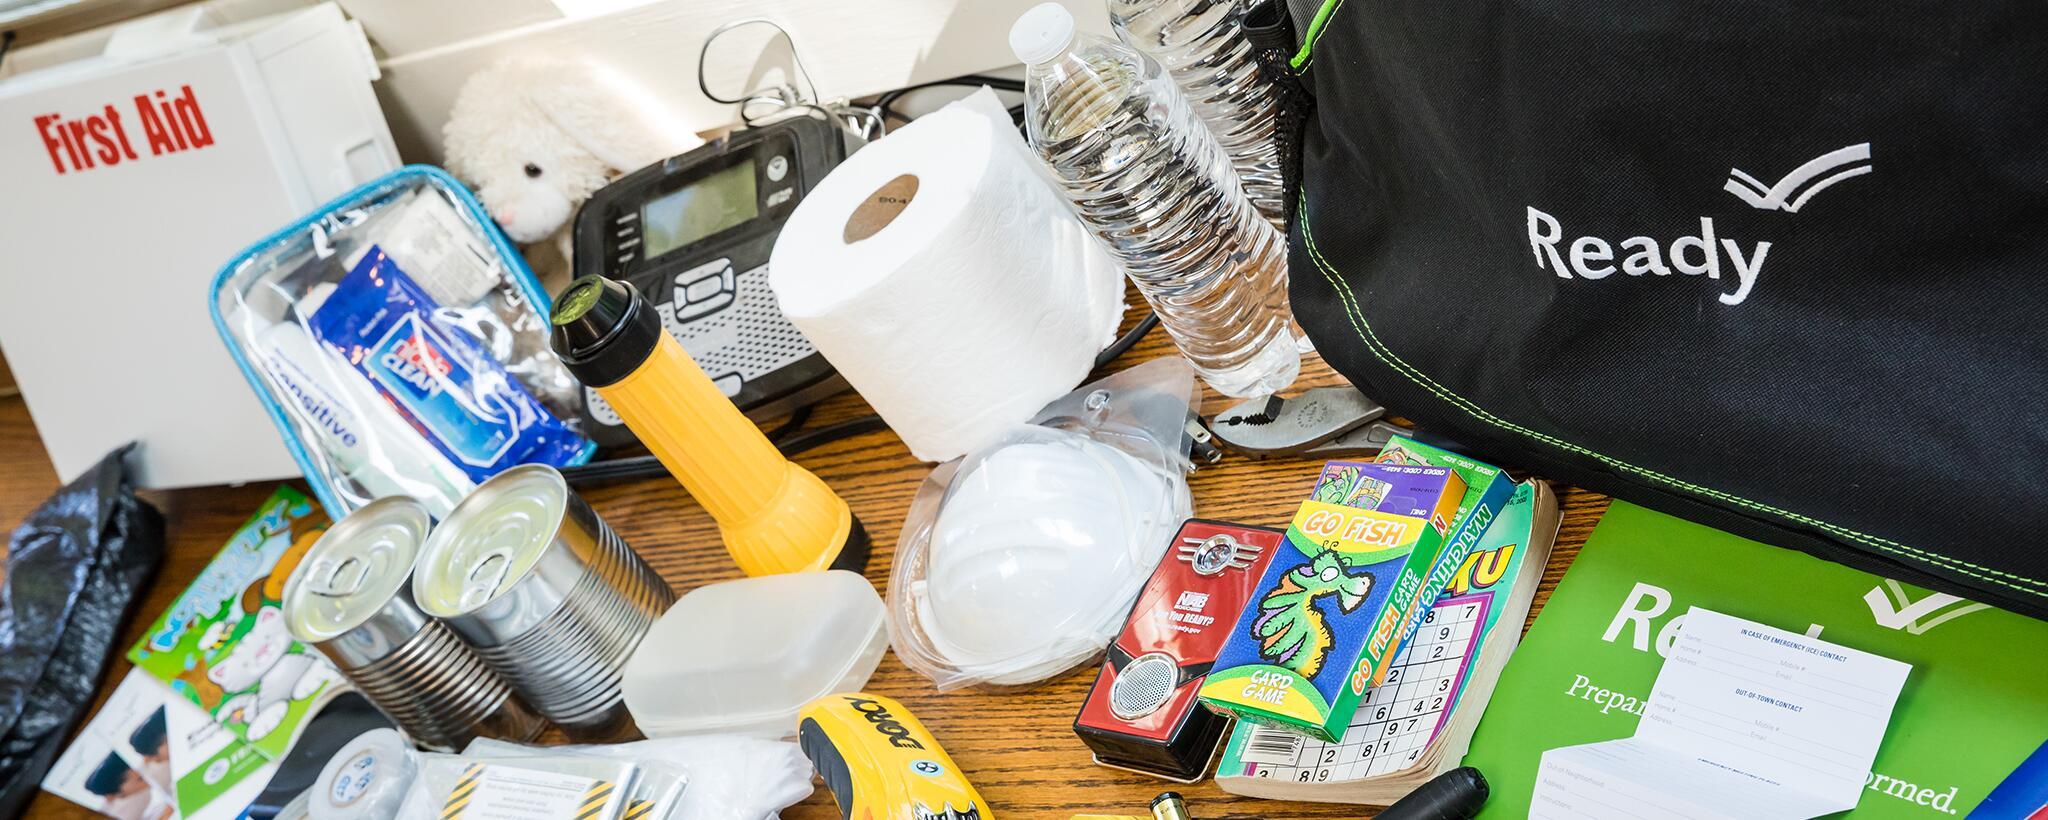 Build A Kit Ready Gov